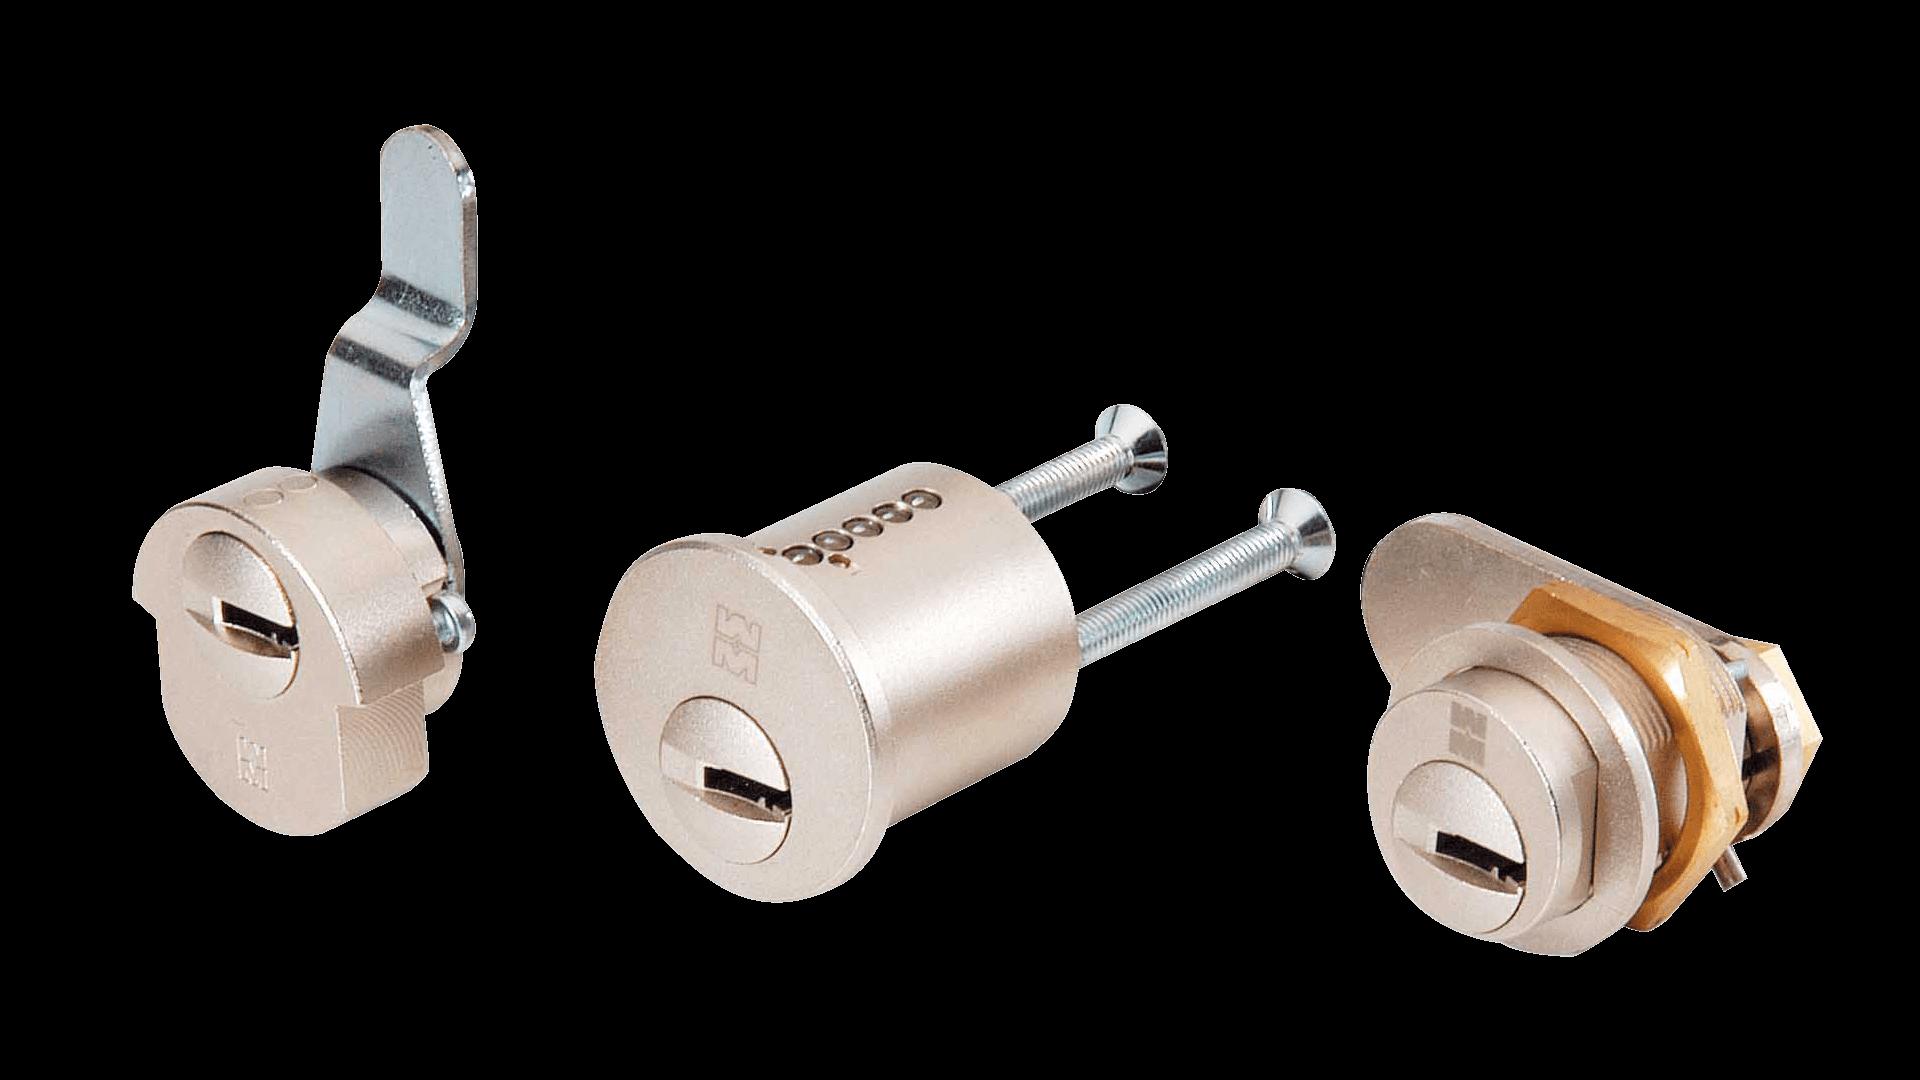 Cilindri a profilo europeo lucchetti cilindri speciali for Prezzo cilindro europeo